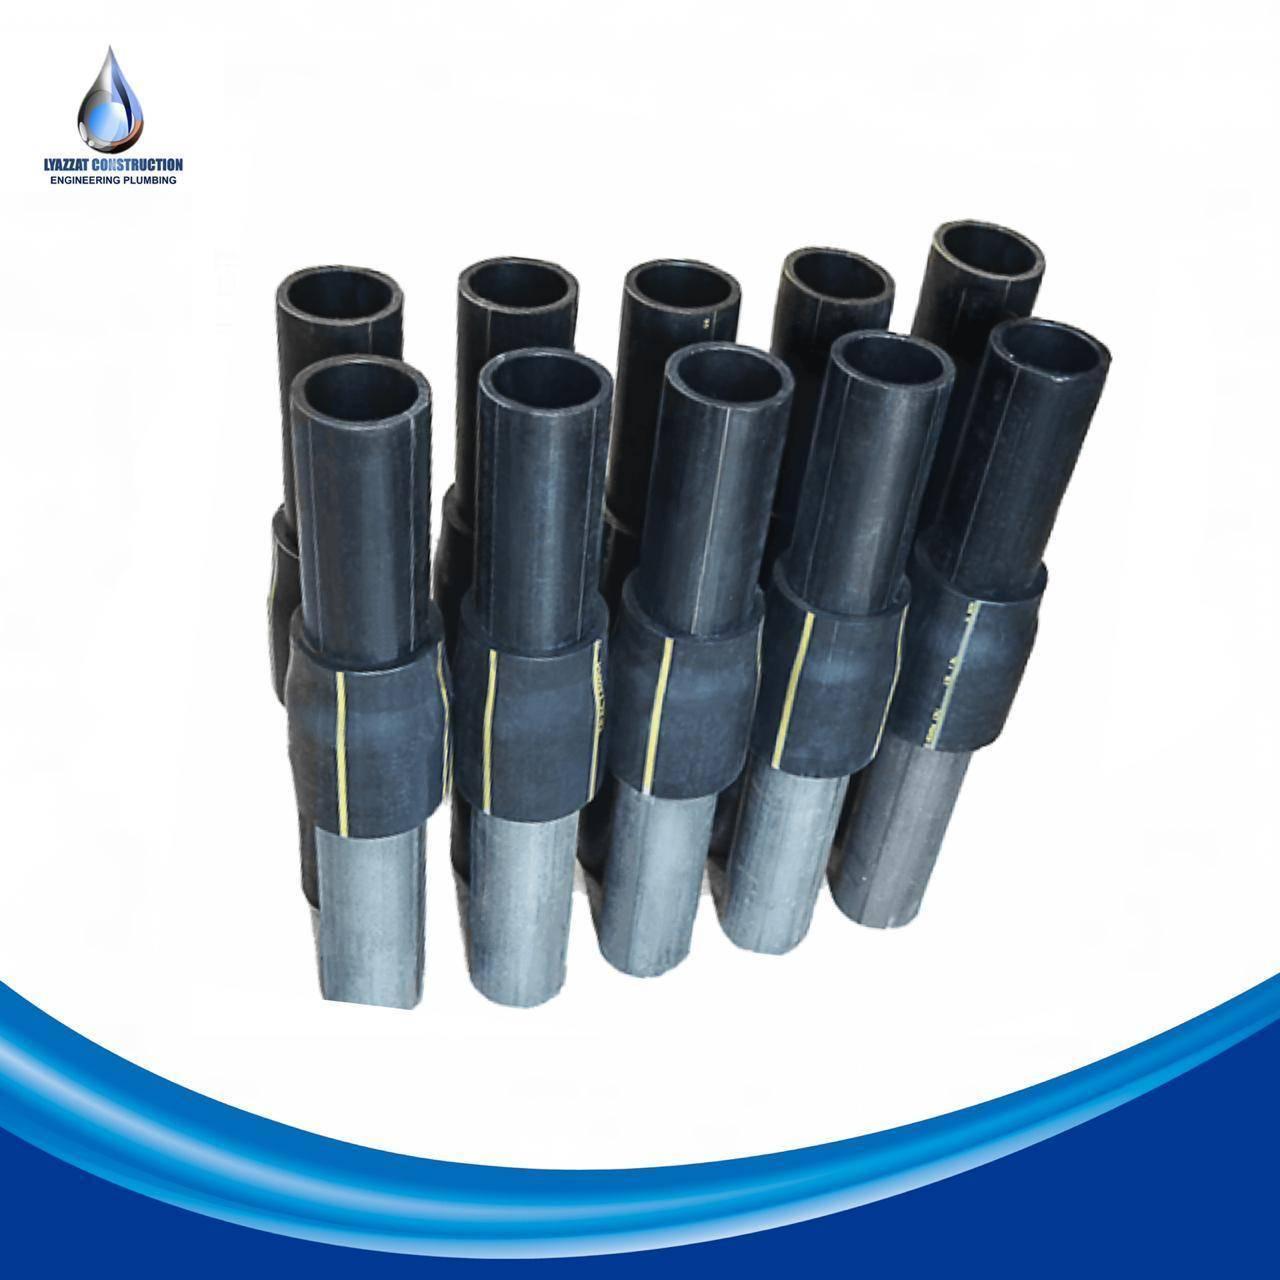 Соединение труб пнд: муфты, фитинги, как соединить пнд с полипропиленовой или металлической, фланцевые соединительные элементы